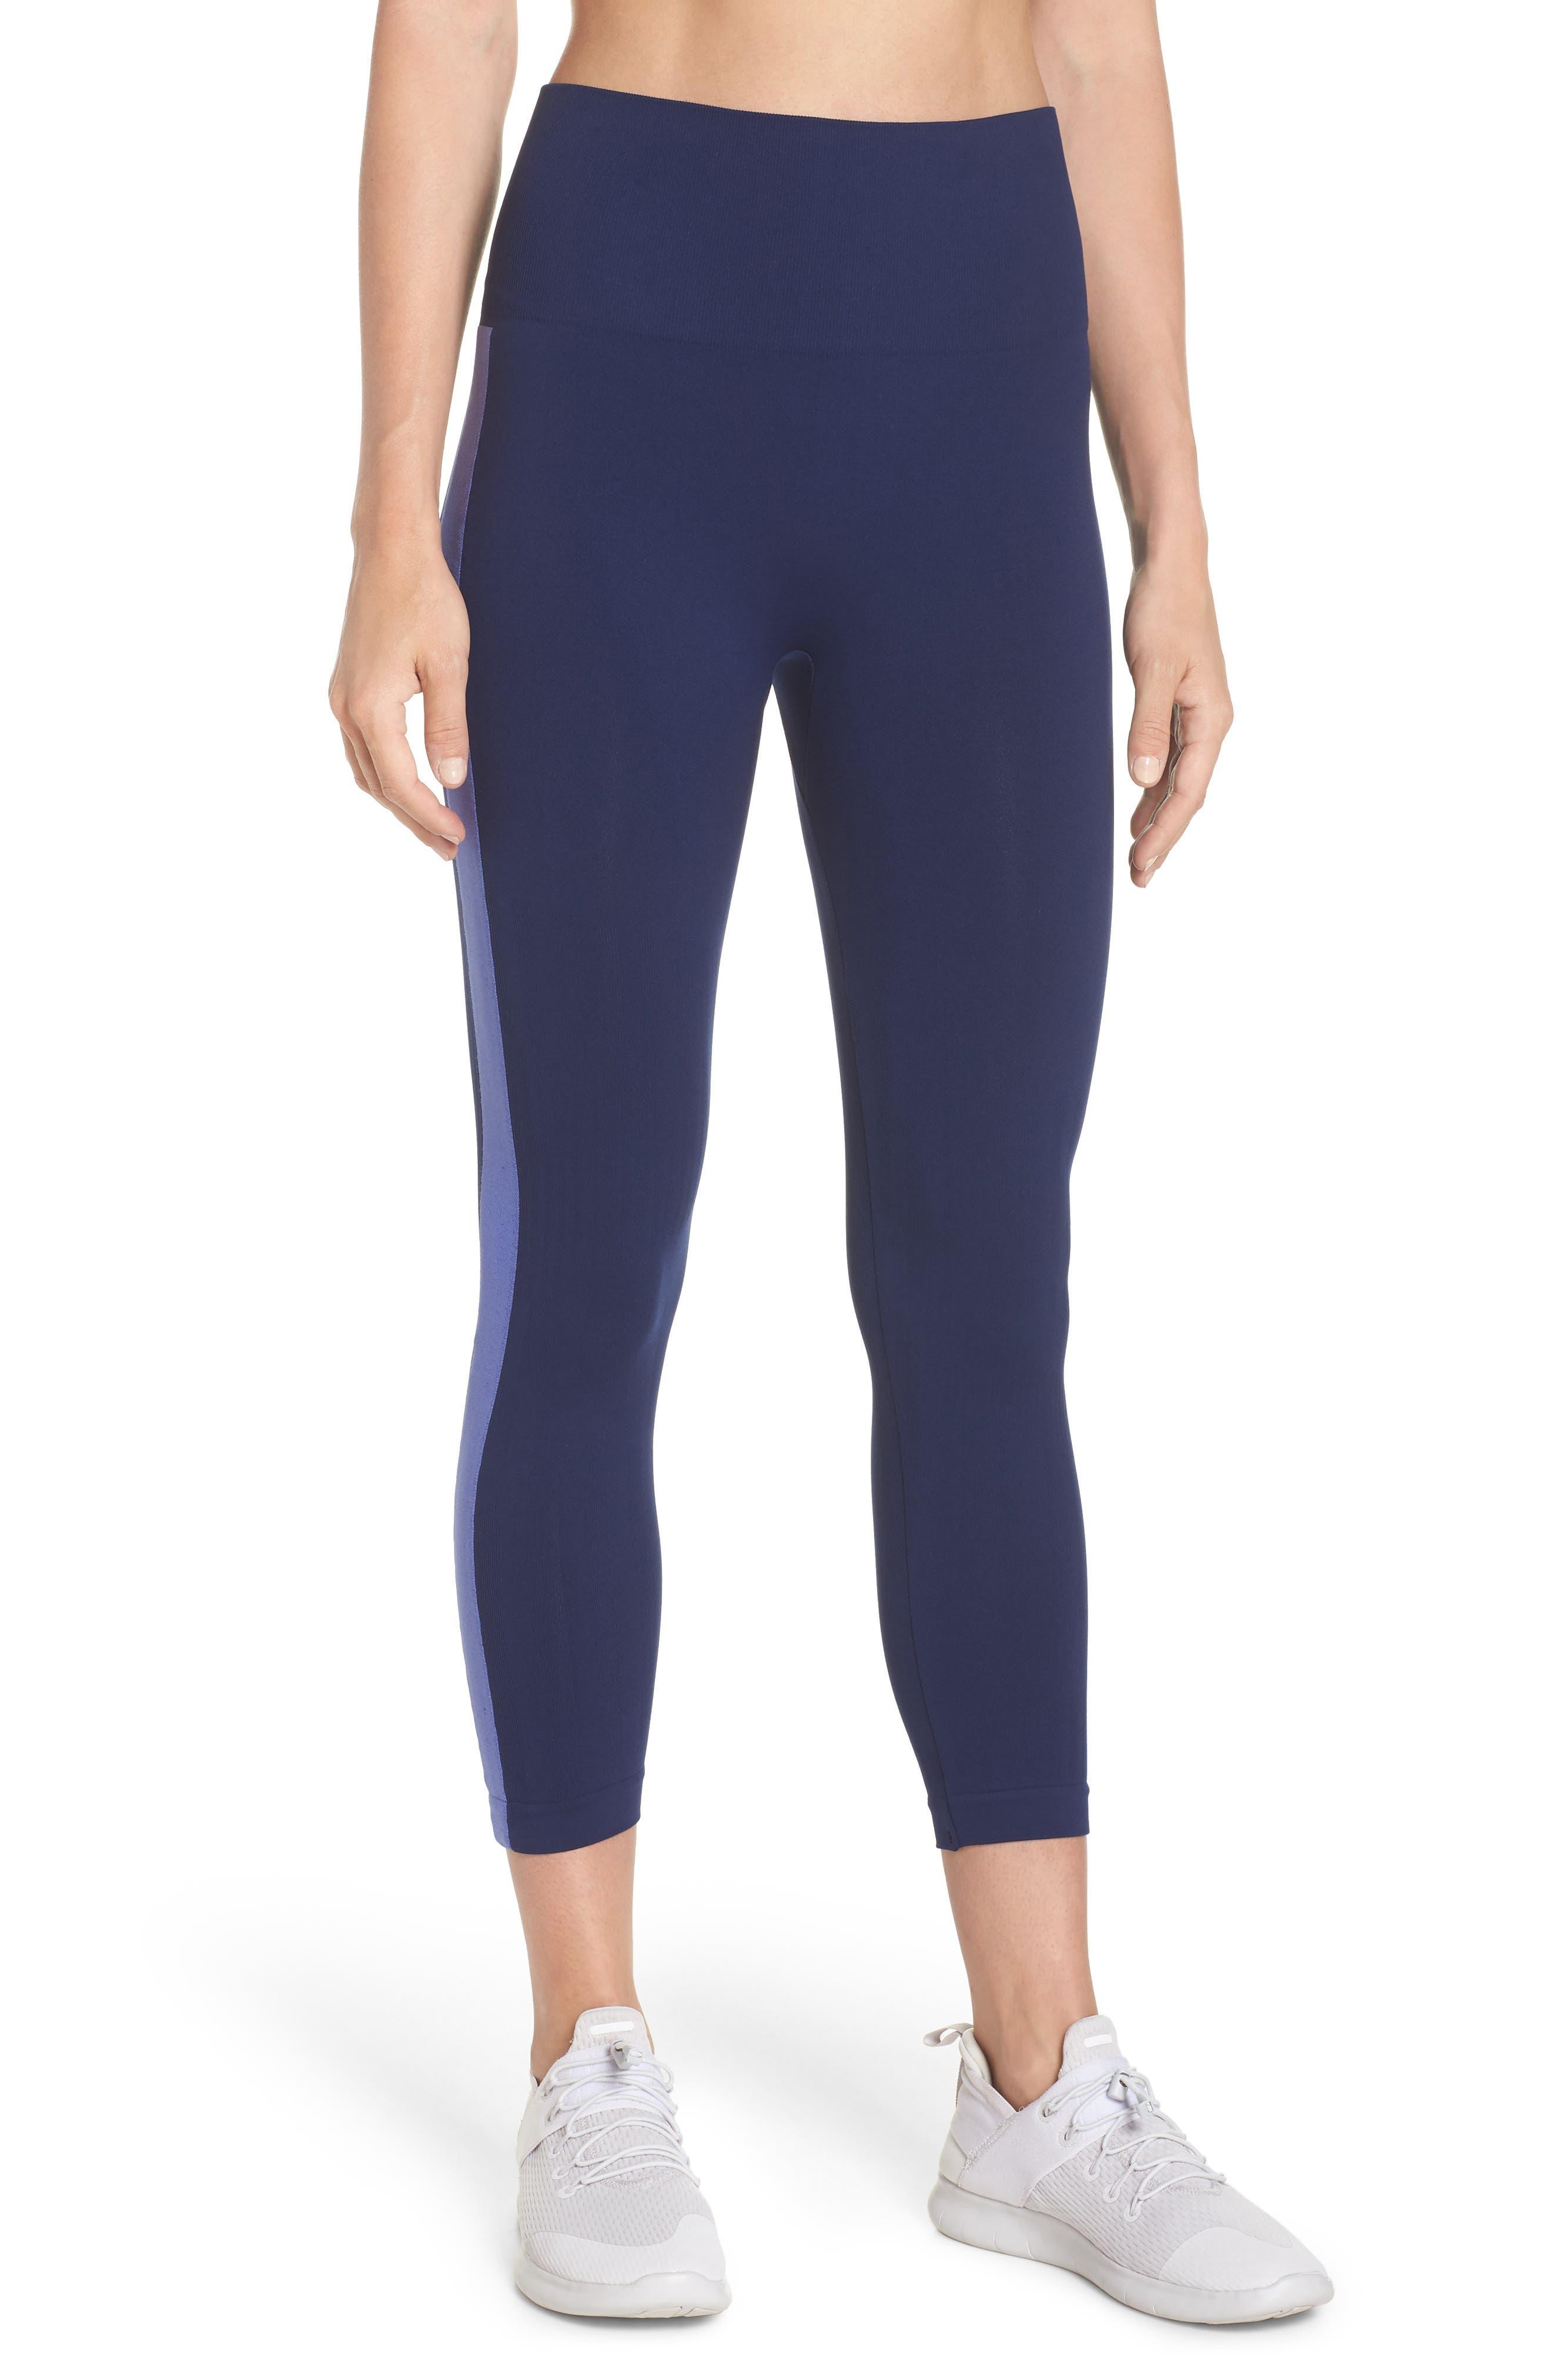 Climawear Stamina Capri Leggings